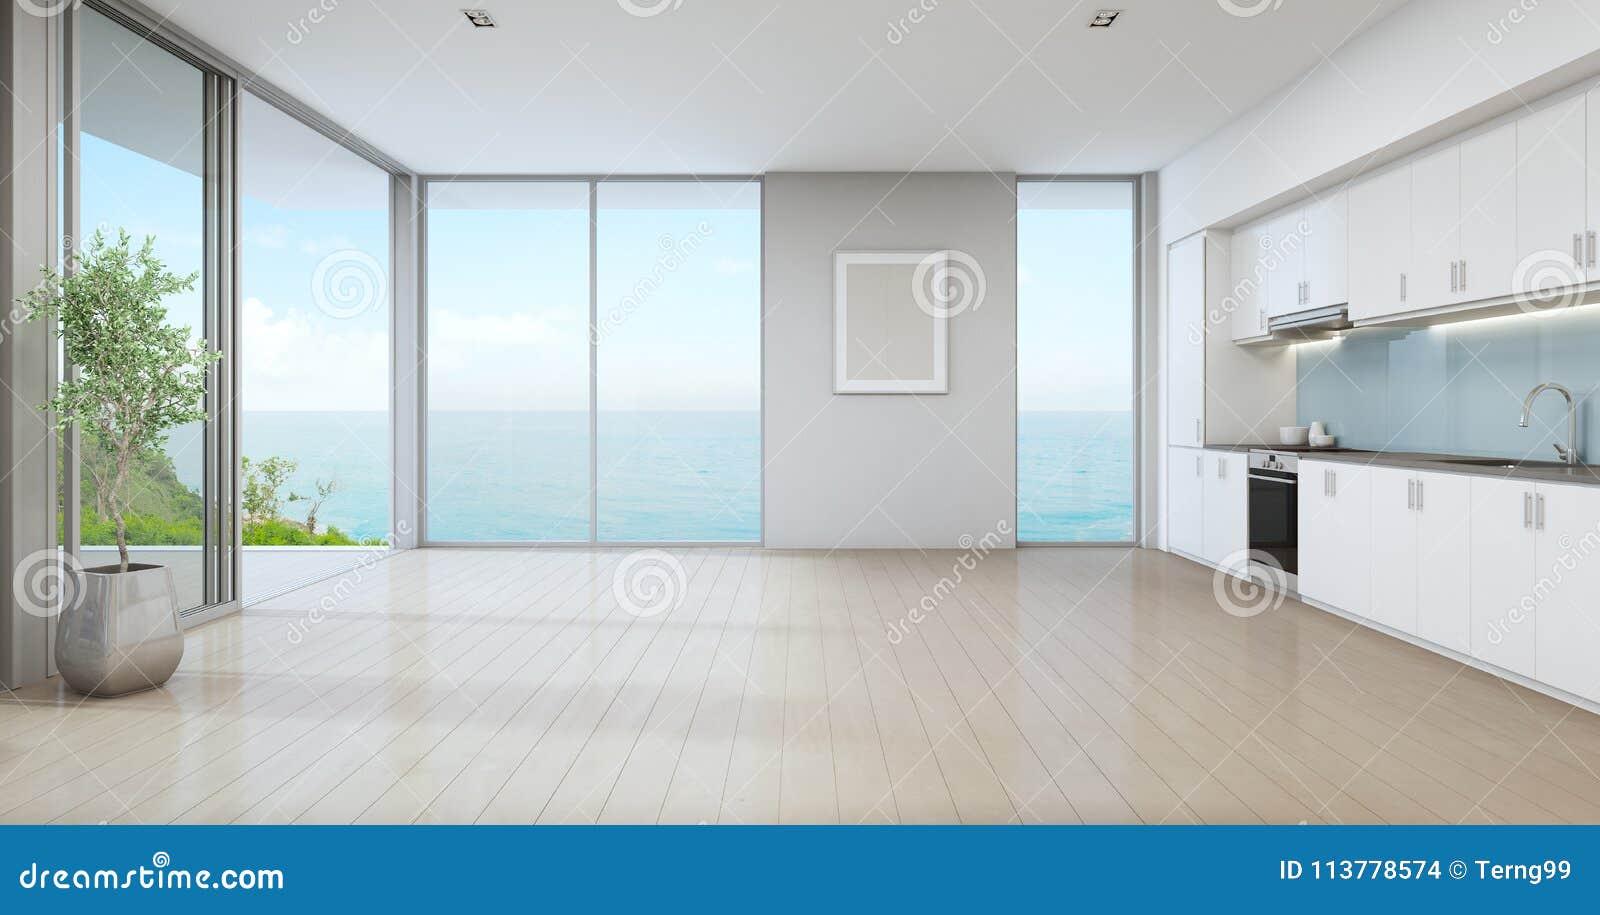 Cucina Di Vista Del Mare Della Casa Di Spiaggia Di Lusso Con La ...